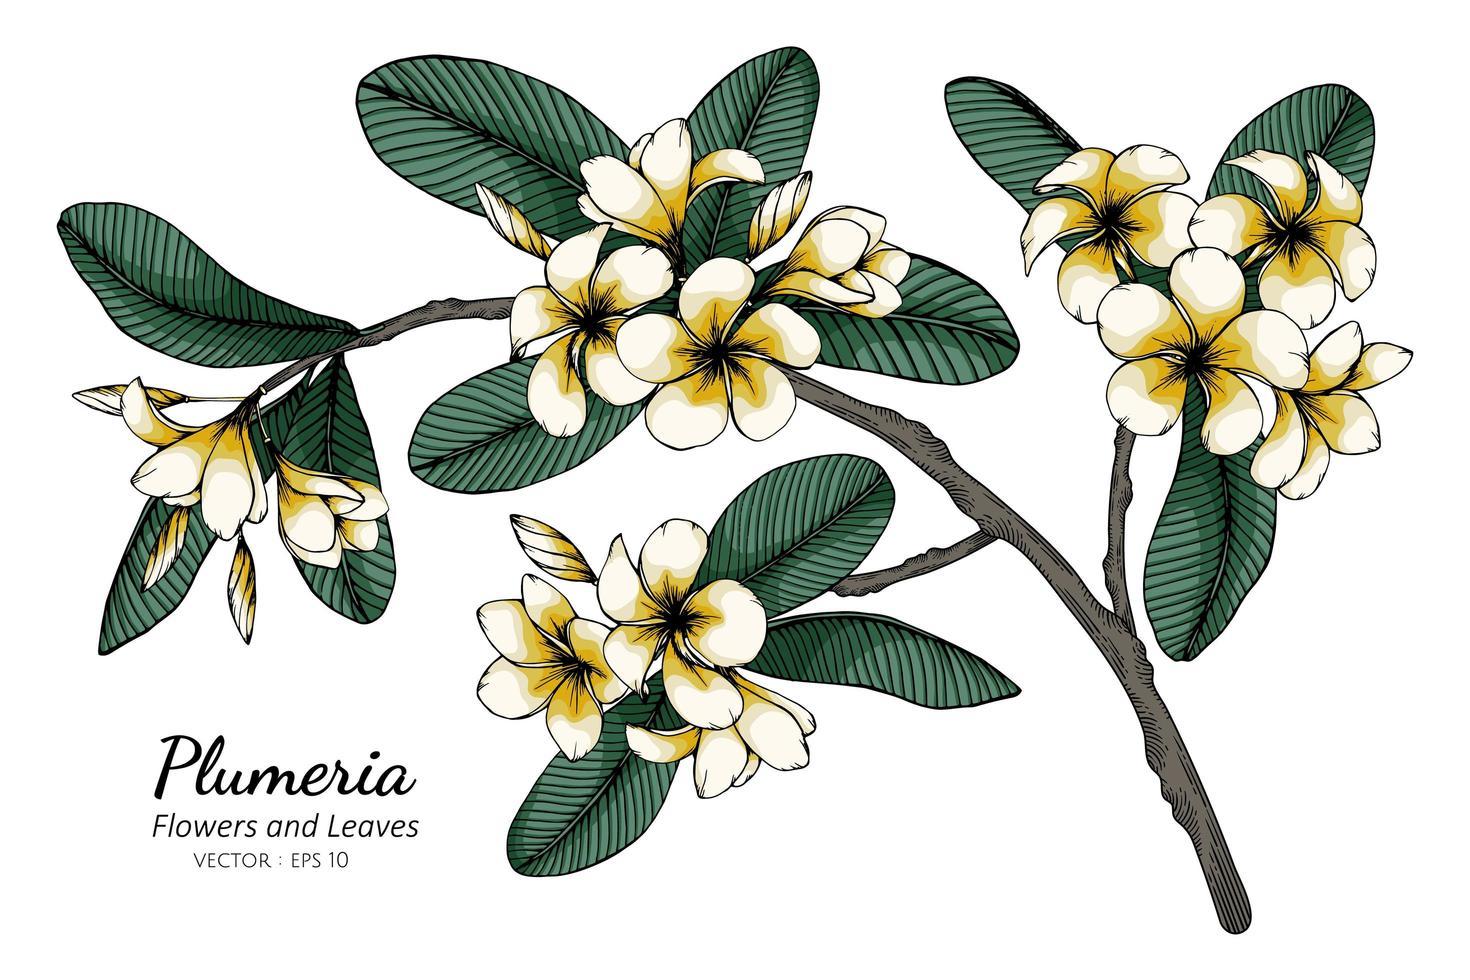 desenho de flor e folha de plumeria vetor